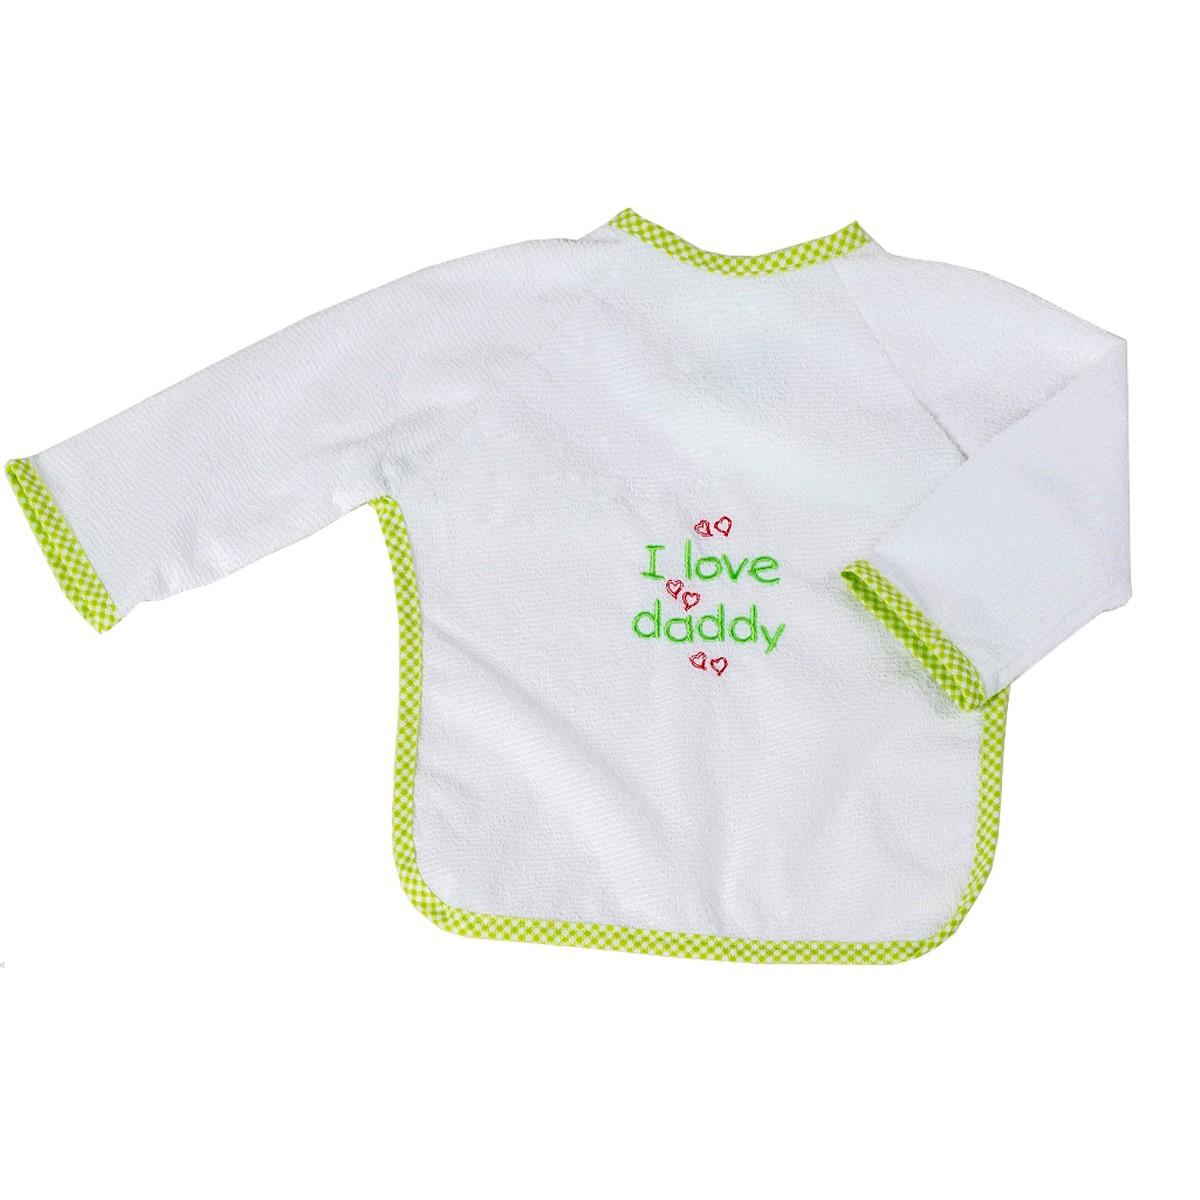 Σαλιάρα Με Μανίκια Κόσμος Του Μωρού Daddy 0610 Λαχανί 74666